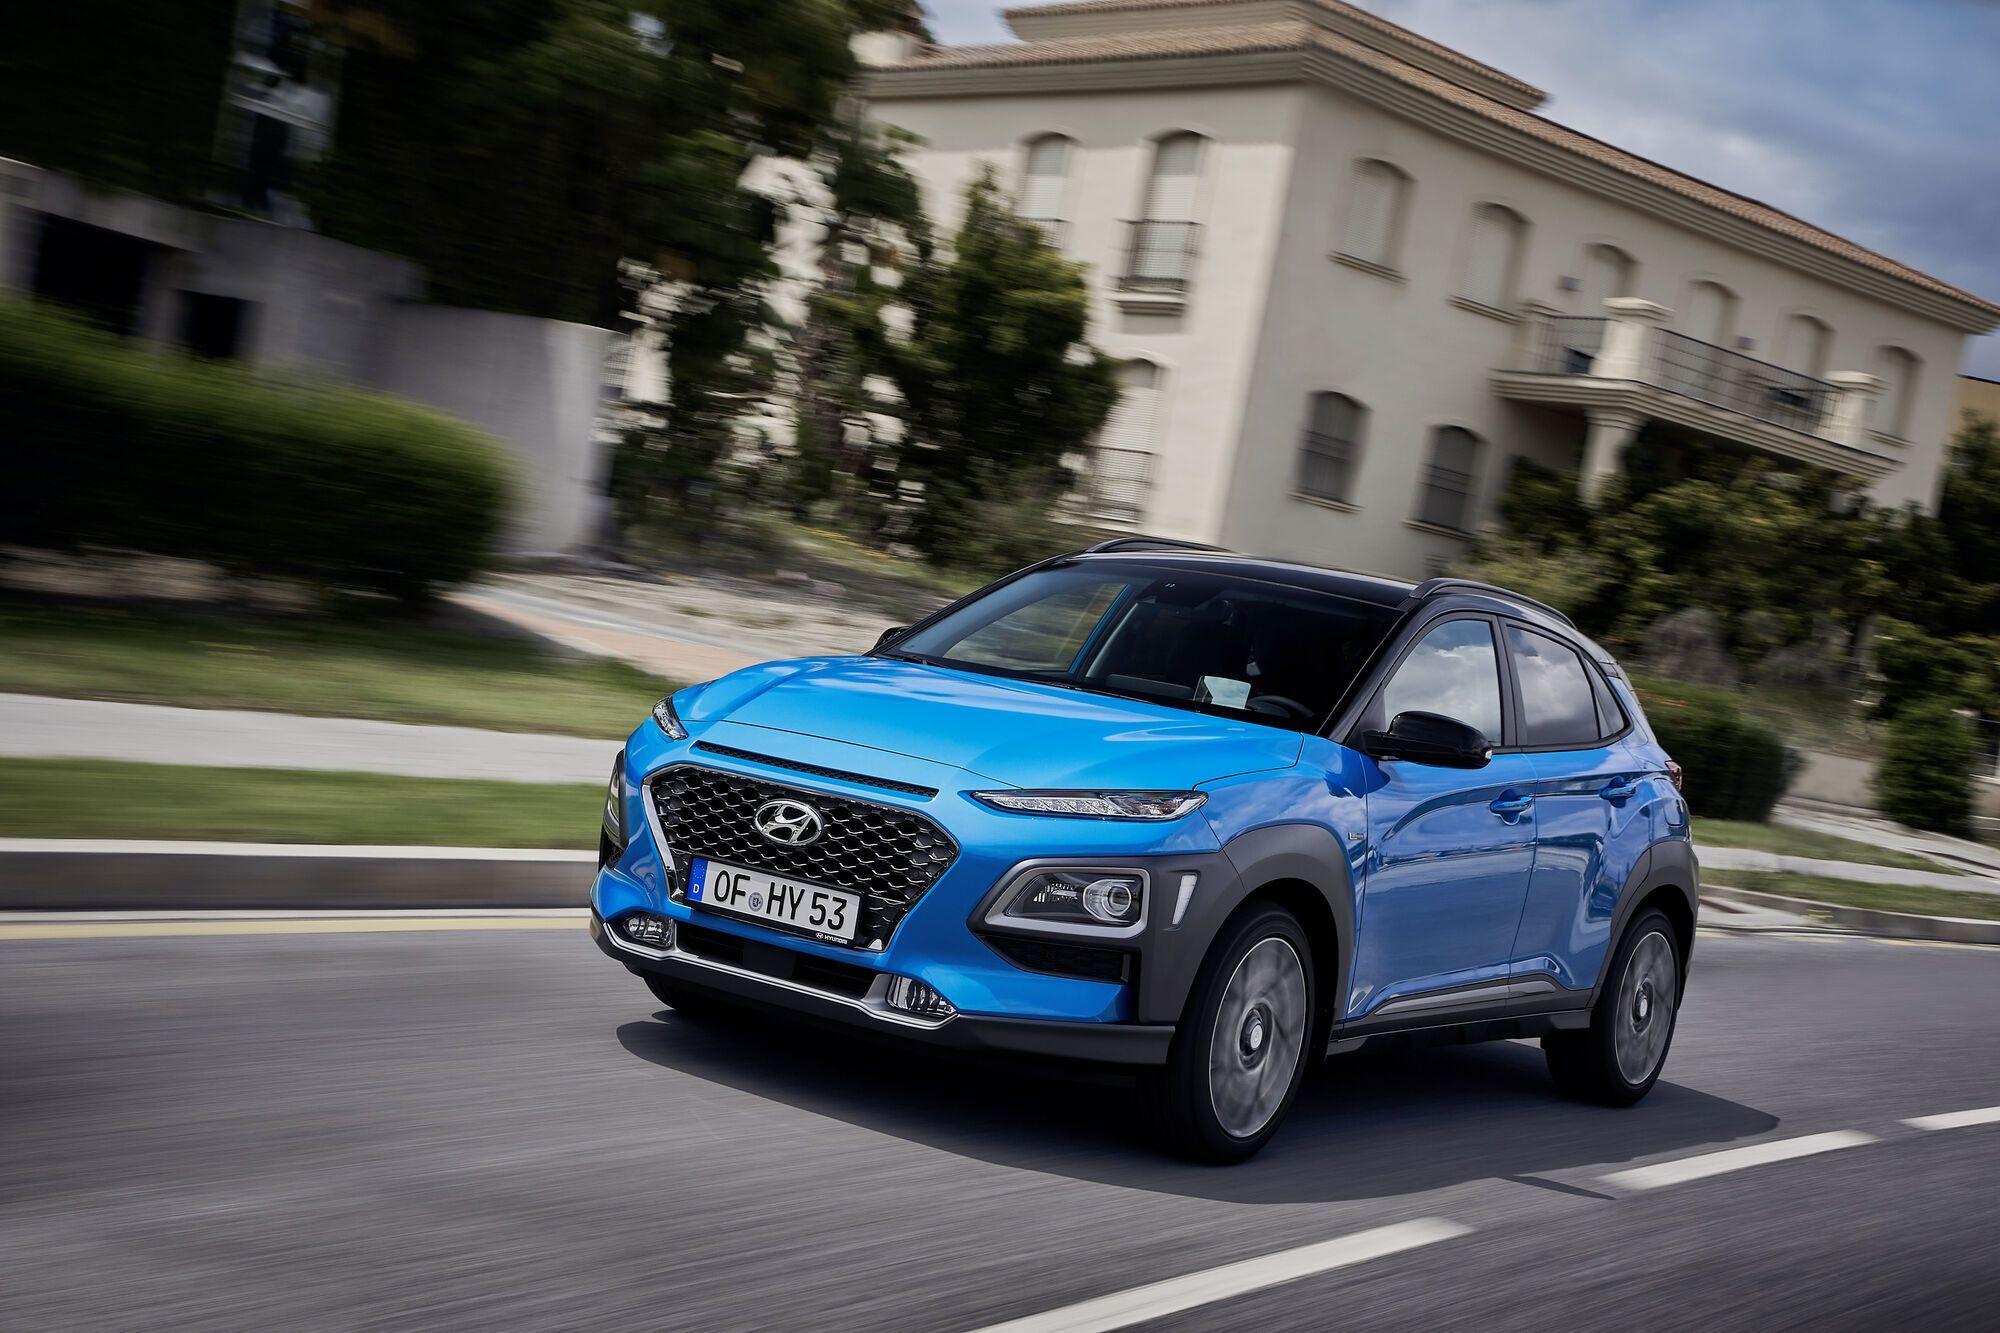 Hyundai Kona предлагается на украинском рынке с 2019 года. Фото: